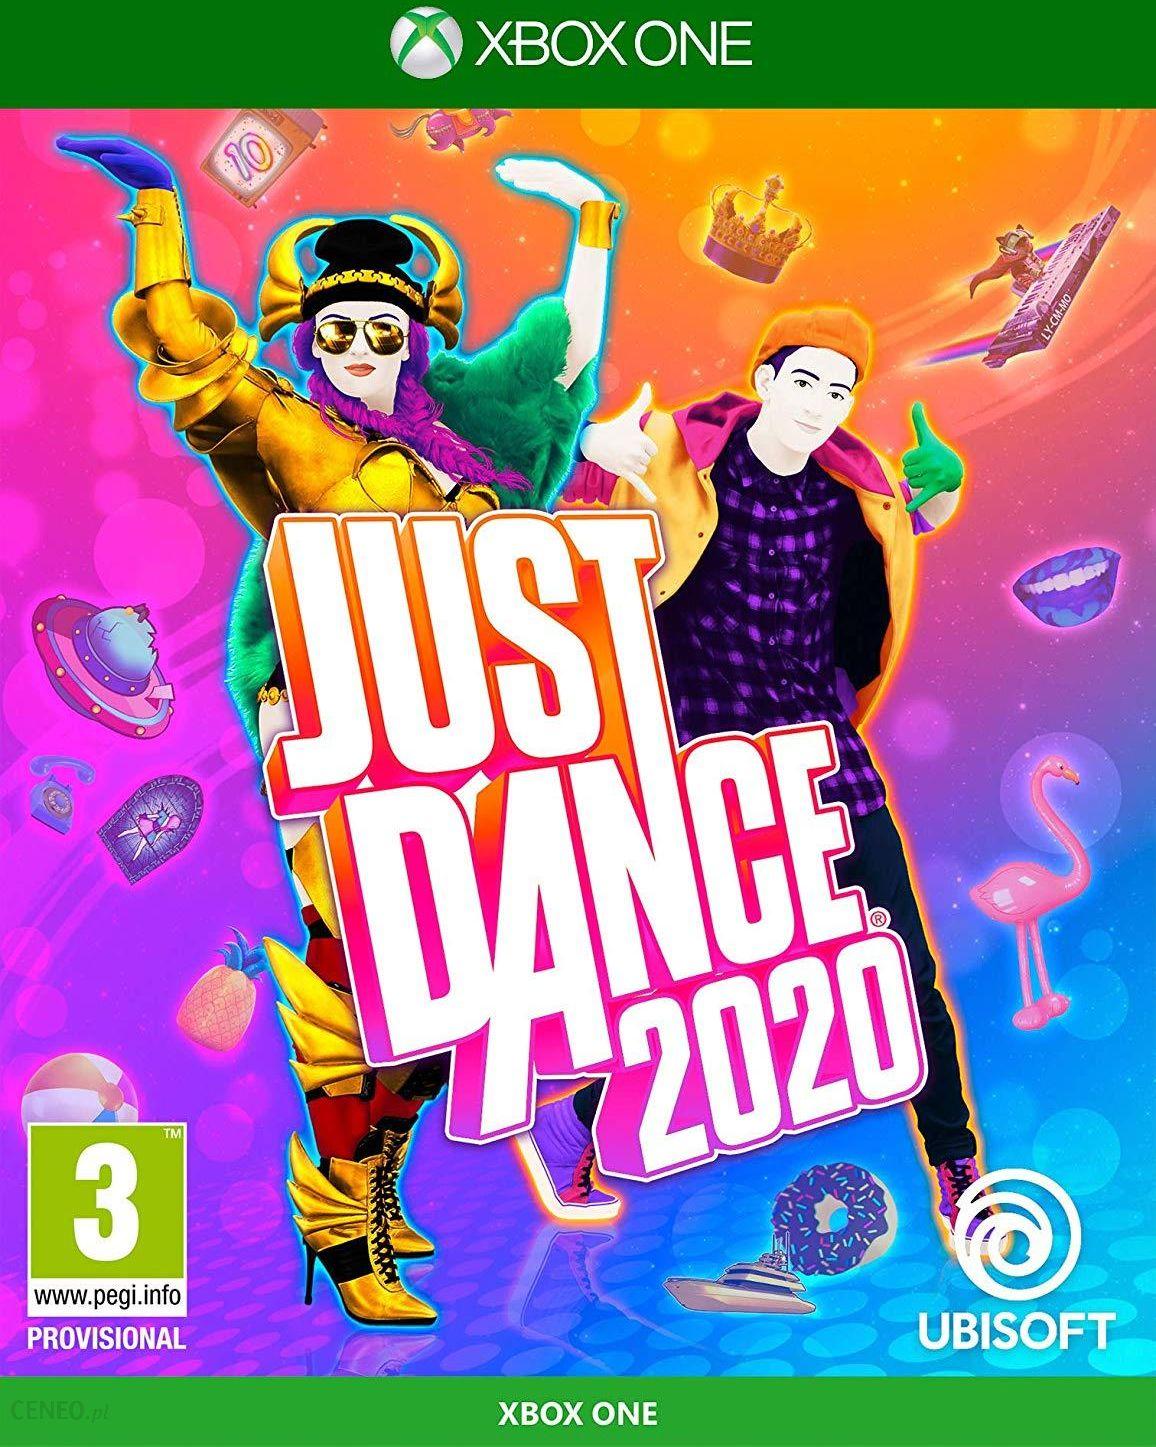 ダンス 2020 ジャスト